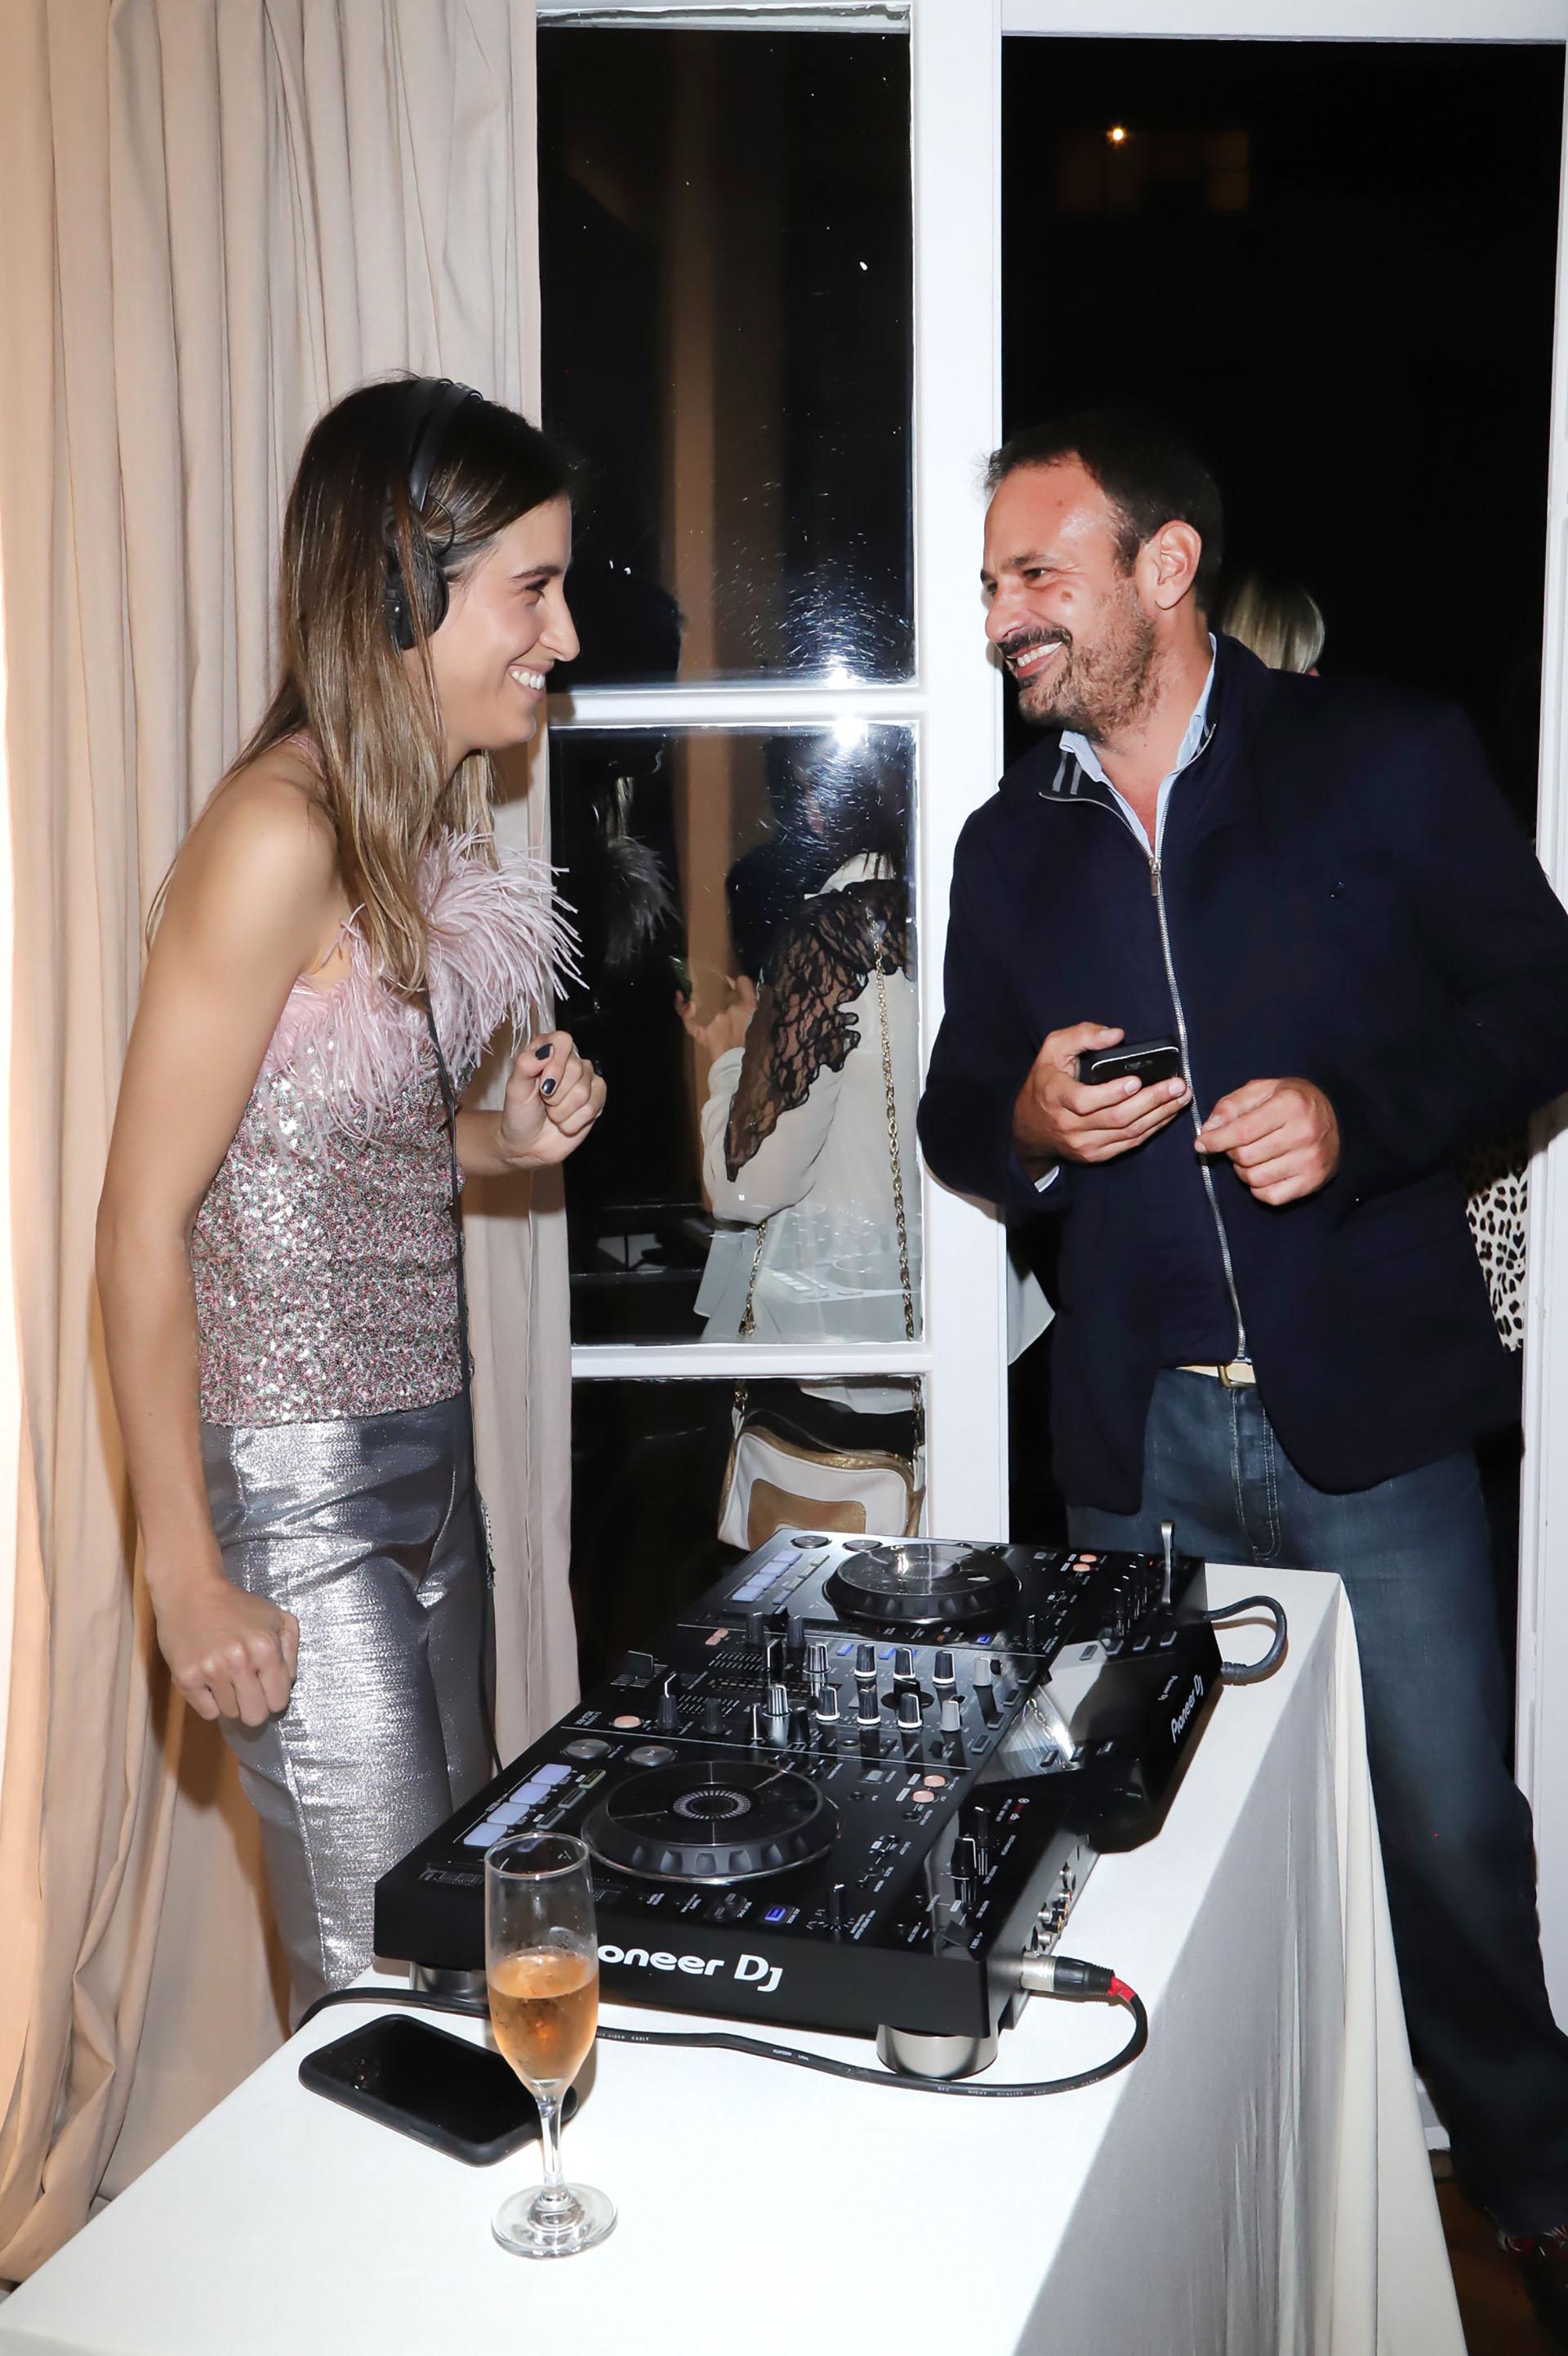 Cintia Garrido y Eduardo Pérez González Ocantos